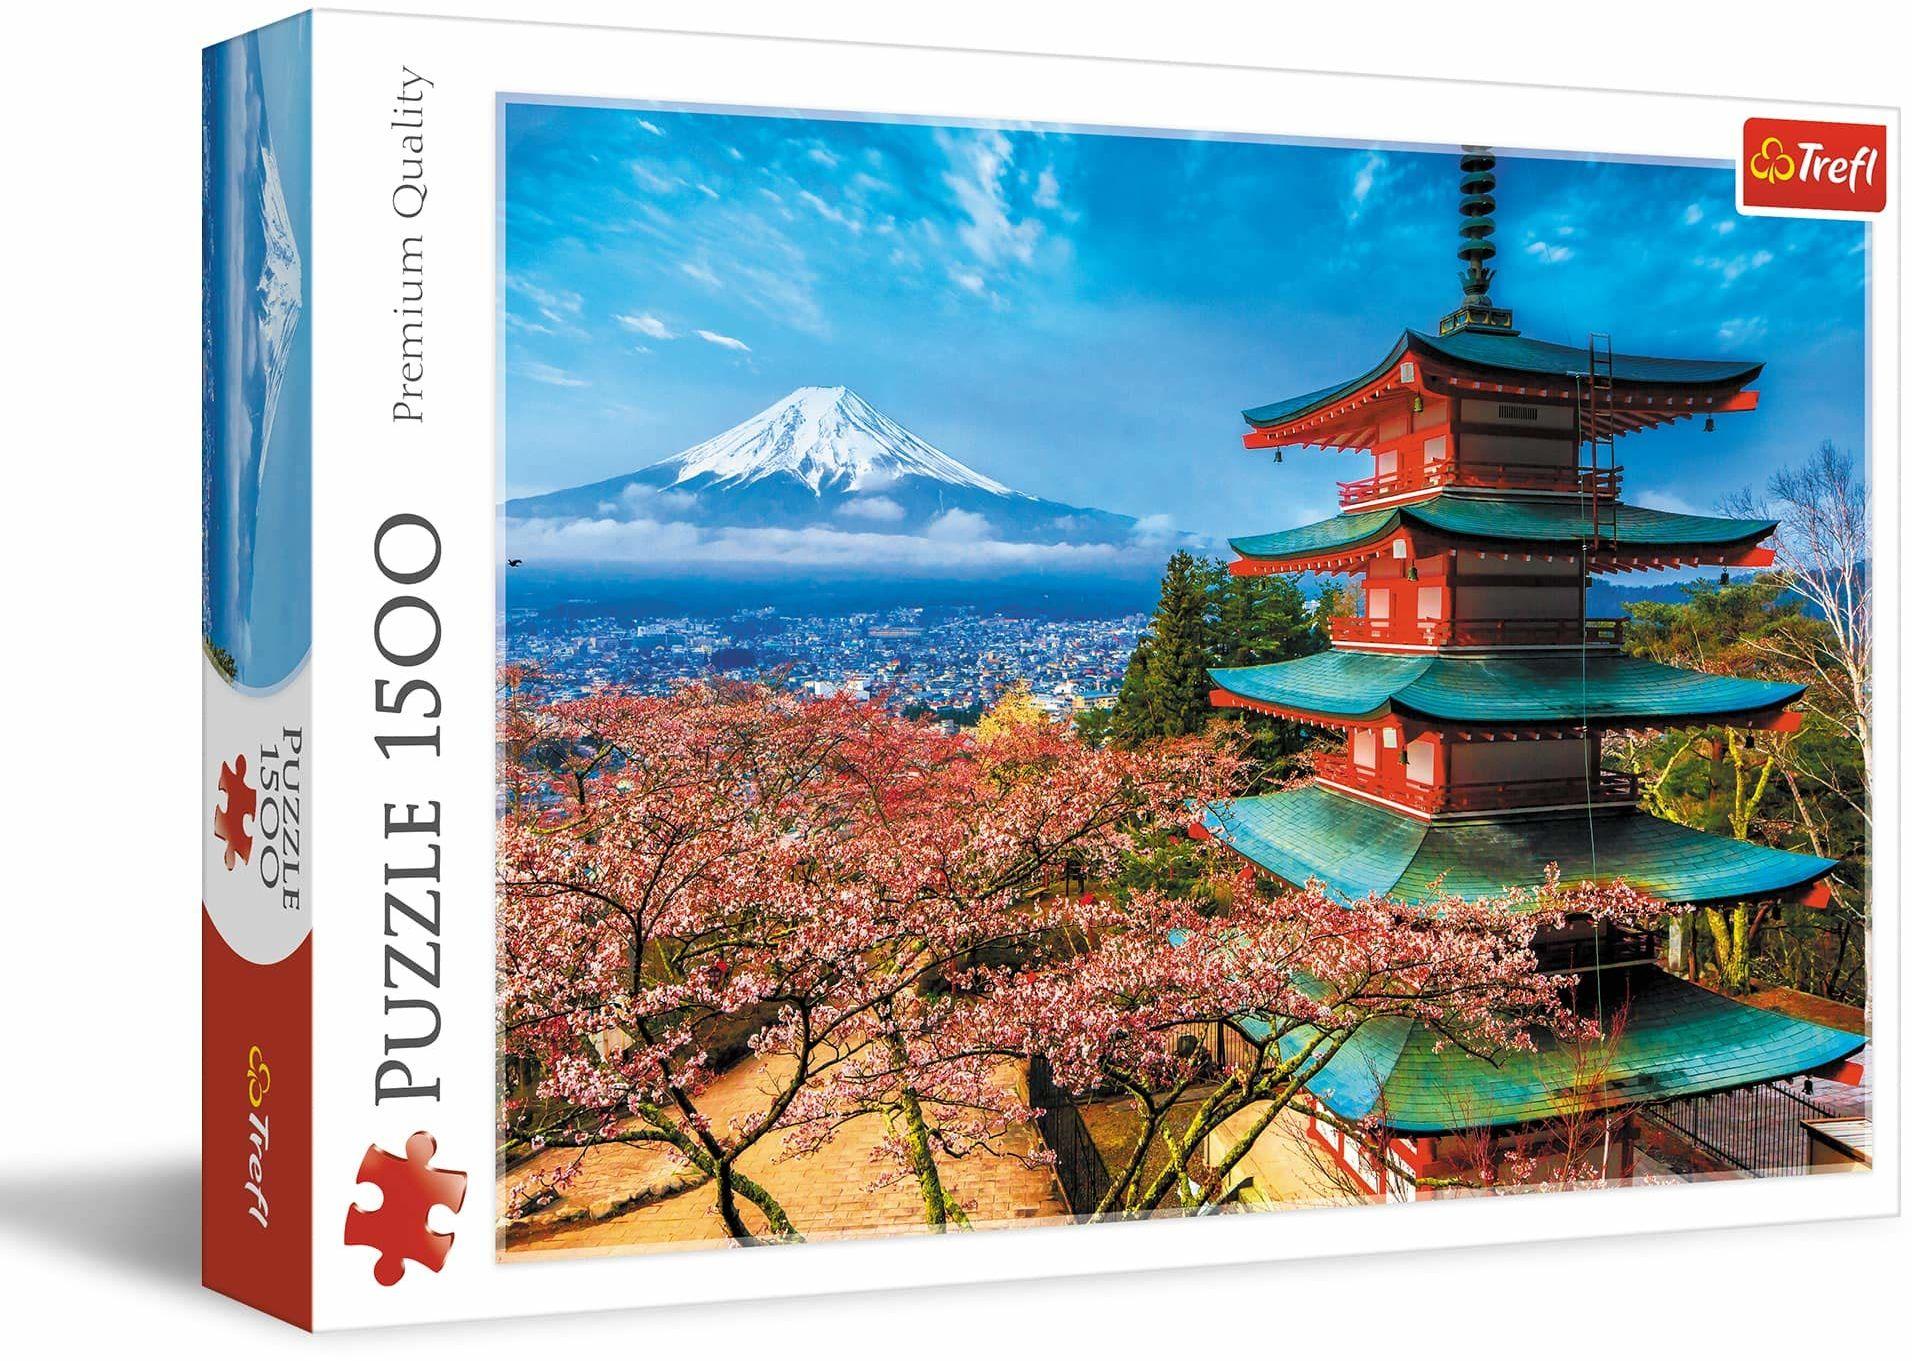 Trefl Góra Fudżi Puzzle 1500 Elementów o Wysokiej Jakości Nadruku dla Dorosłych i Dzieci od 12 lat